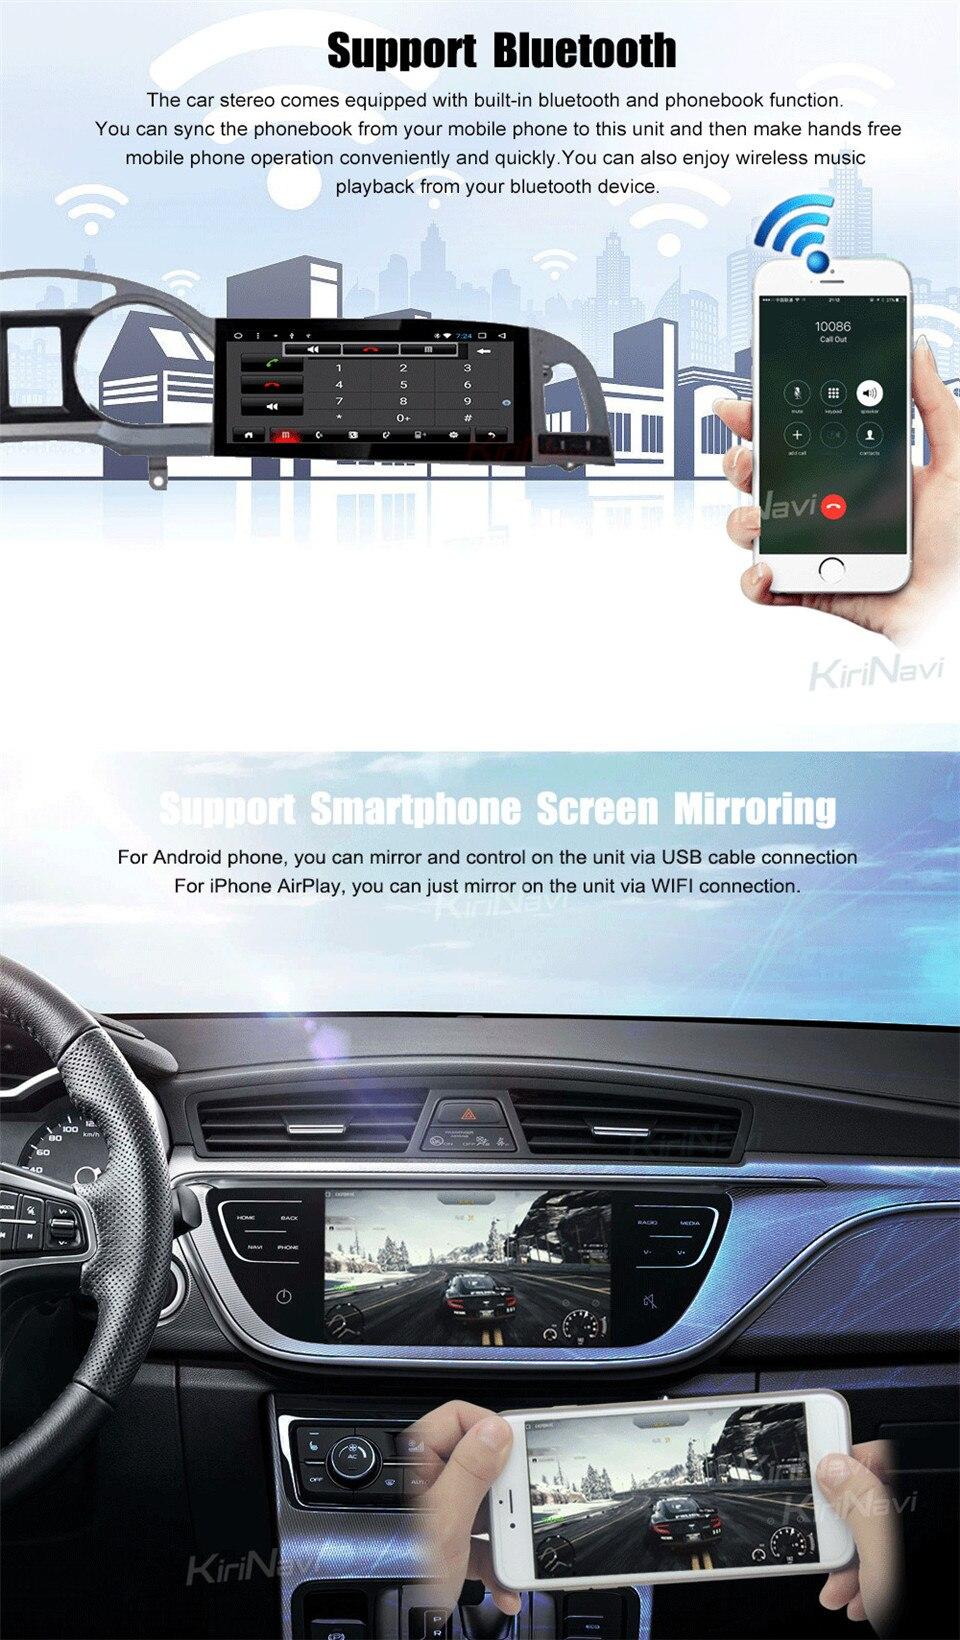 KiriNavi Car Radio For Audi A6L 05-11 (10)